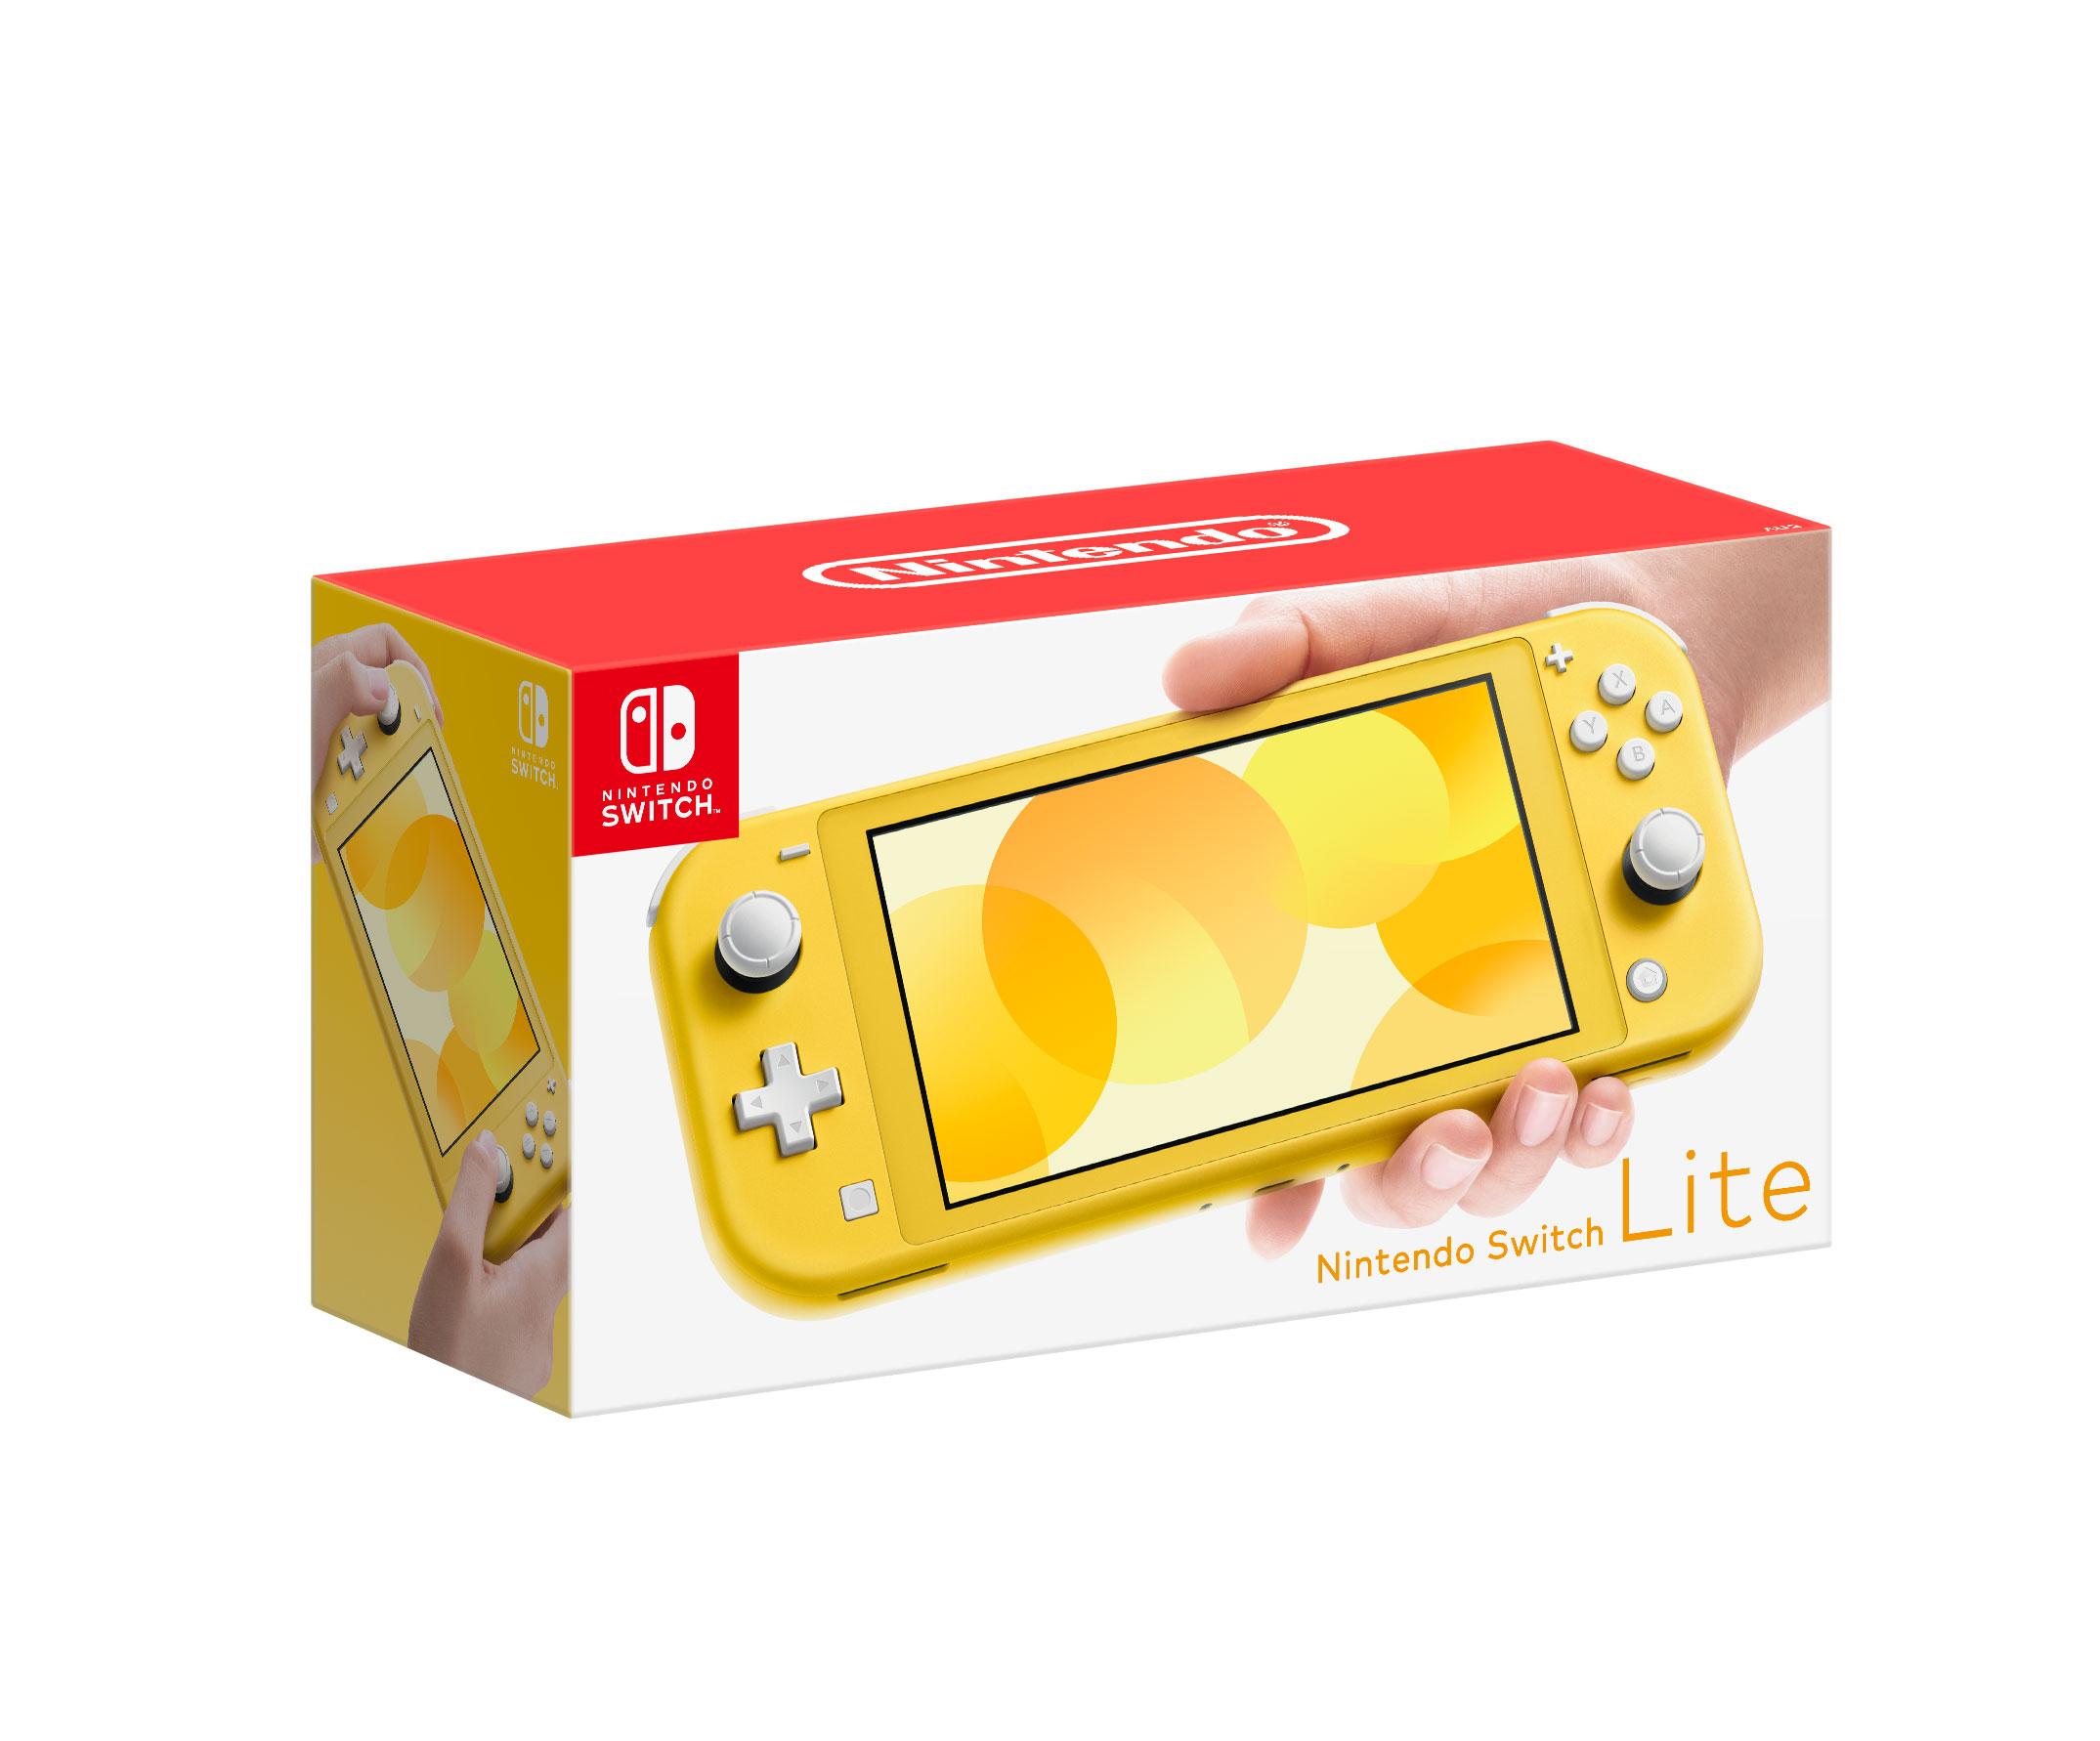 Nintendo Switch Lite - Yellow Packshot.jpg